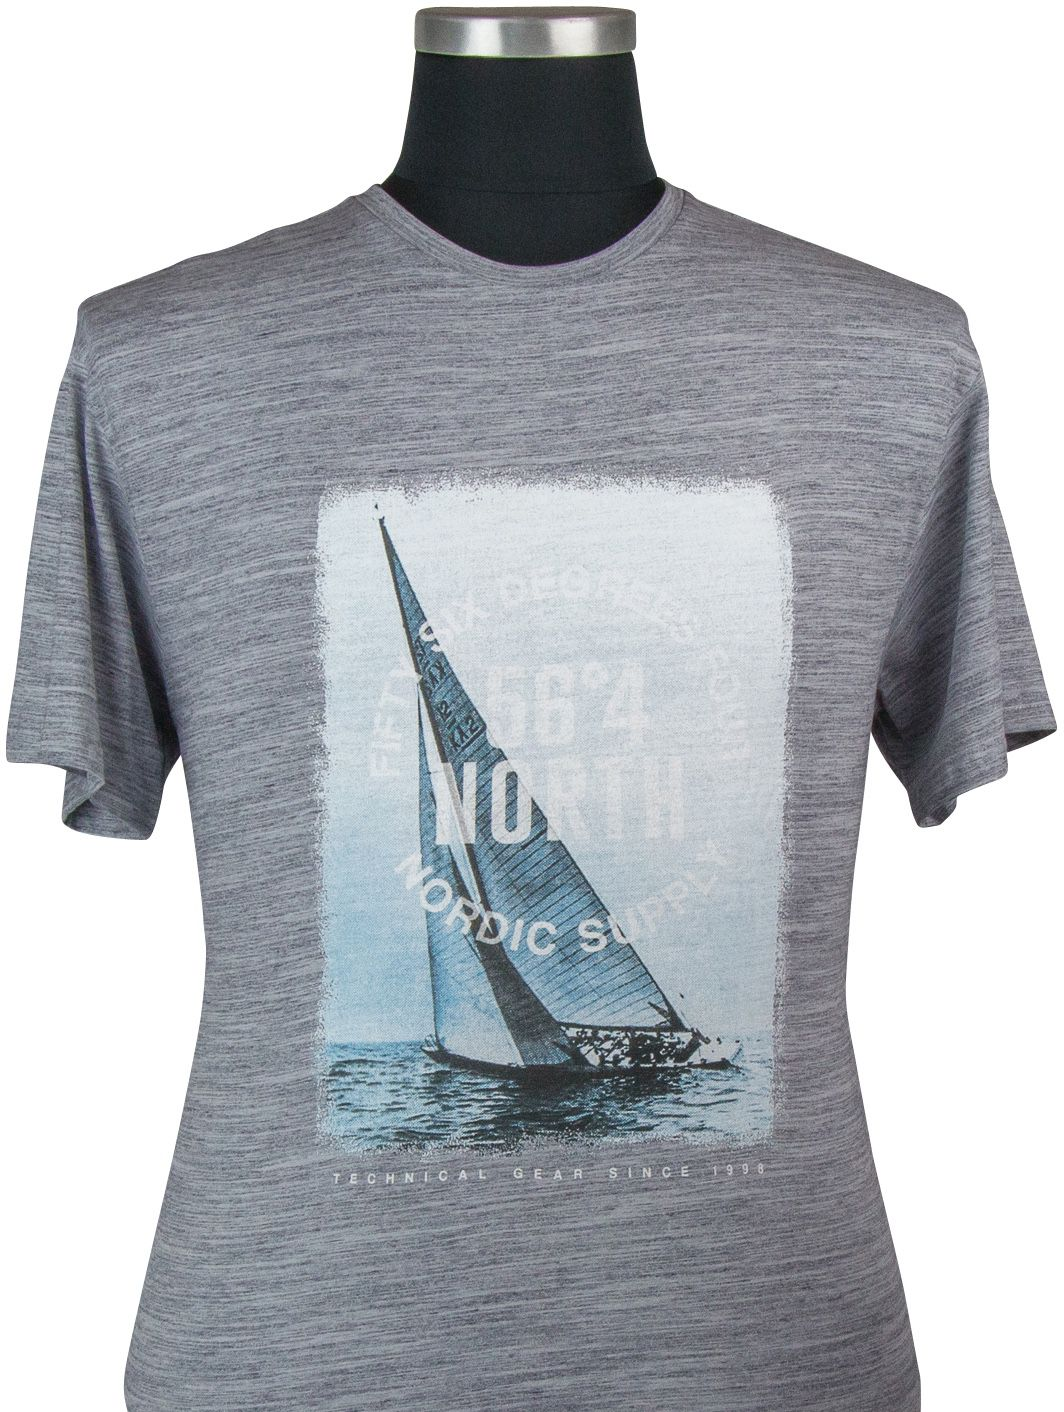 Tshirt Manches Courtes Gris All Size du 2XL au 8XL